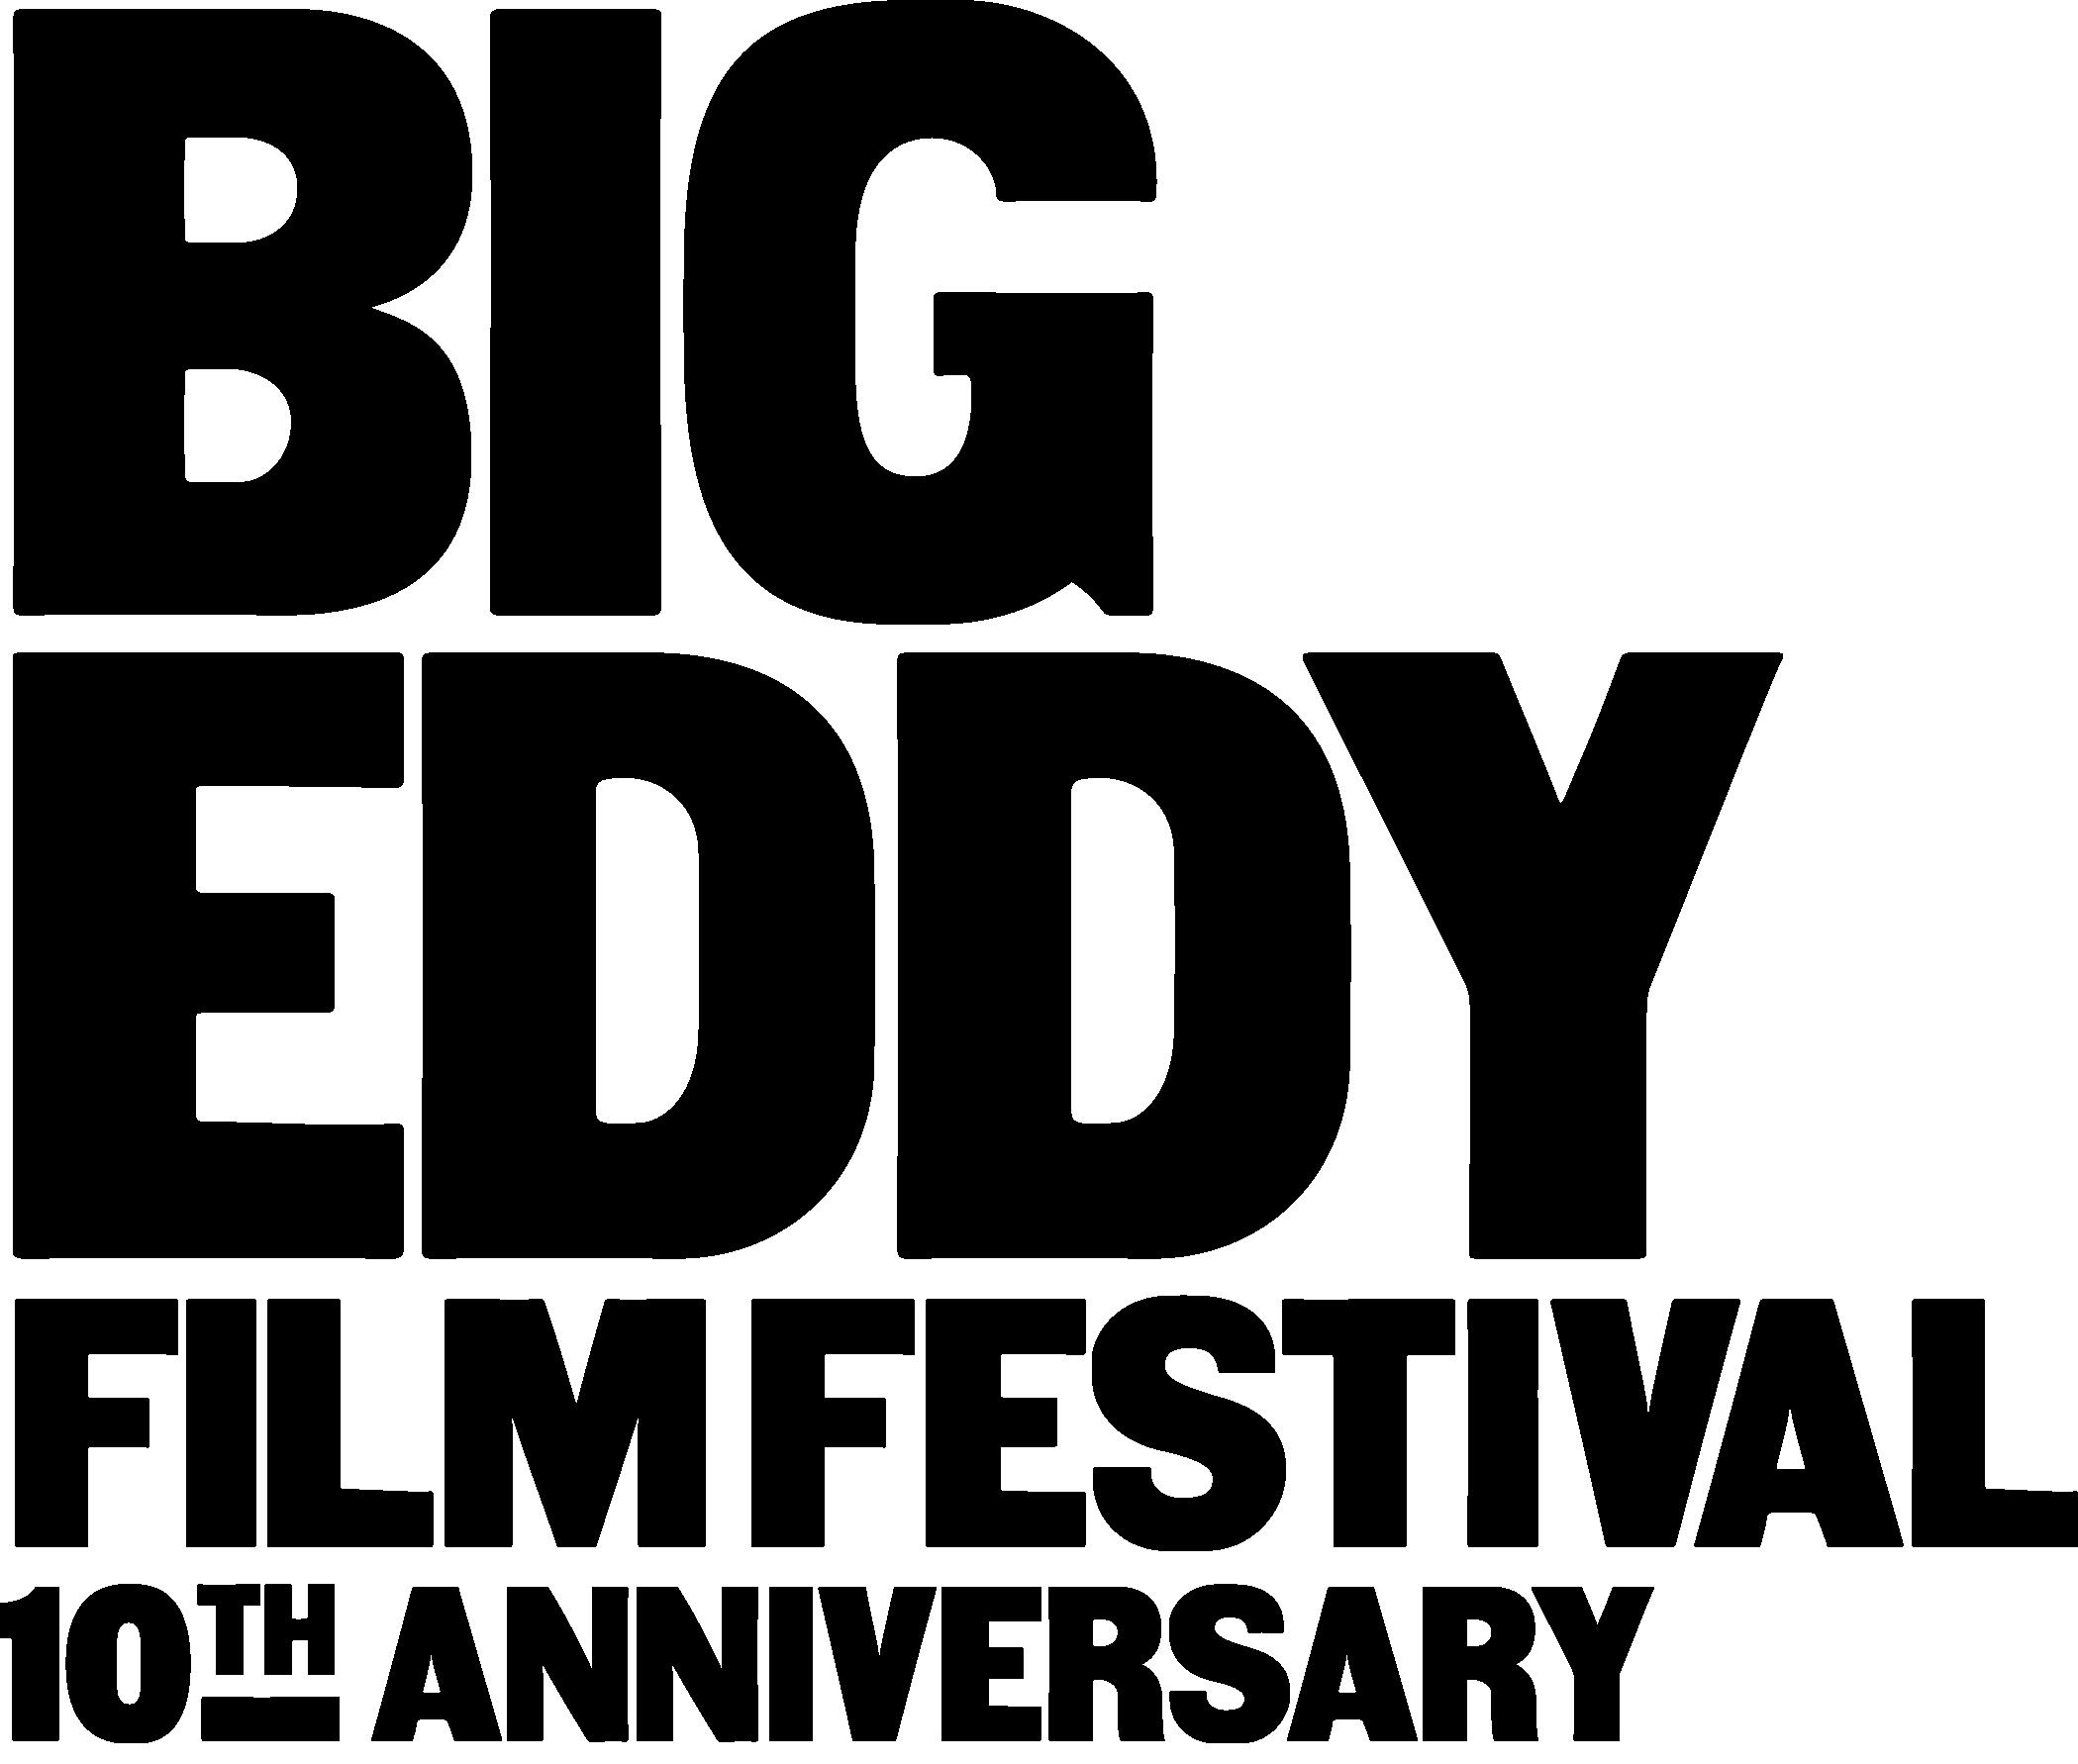 Big Eddy Film Festival